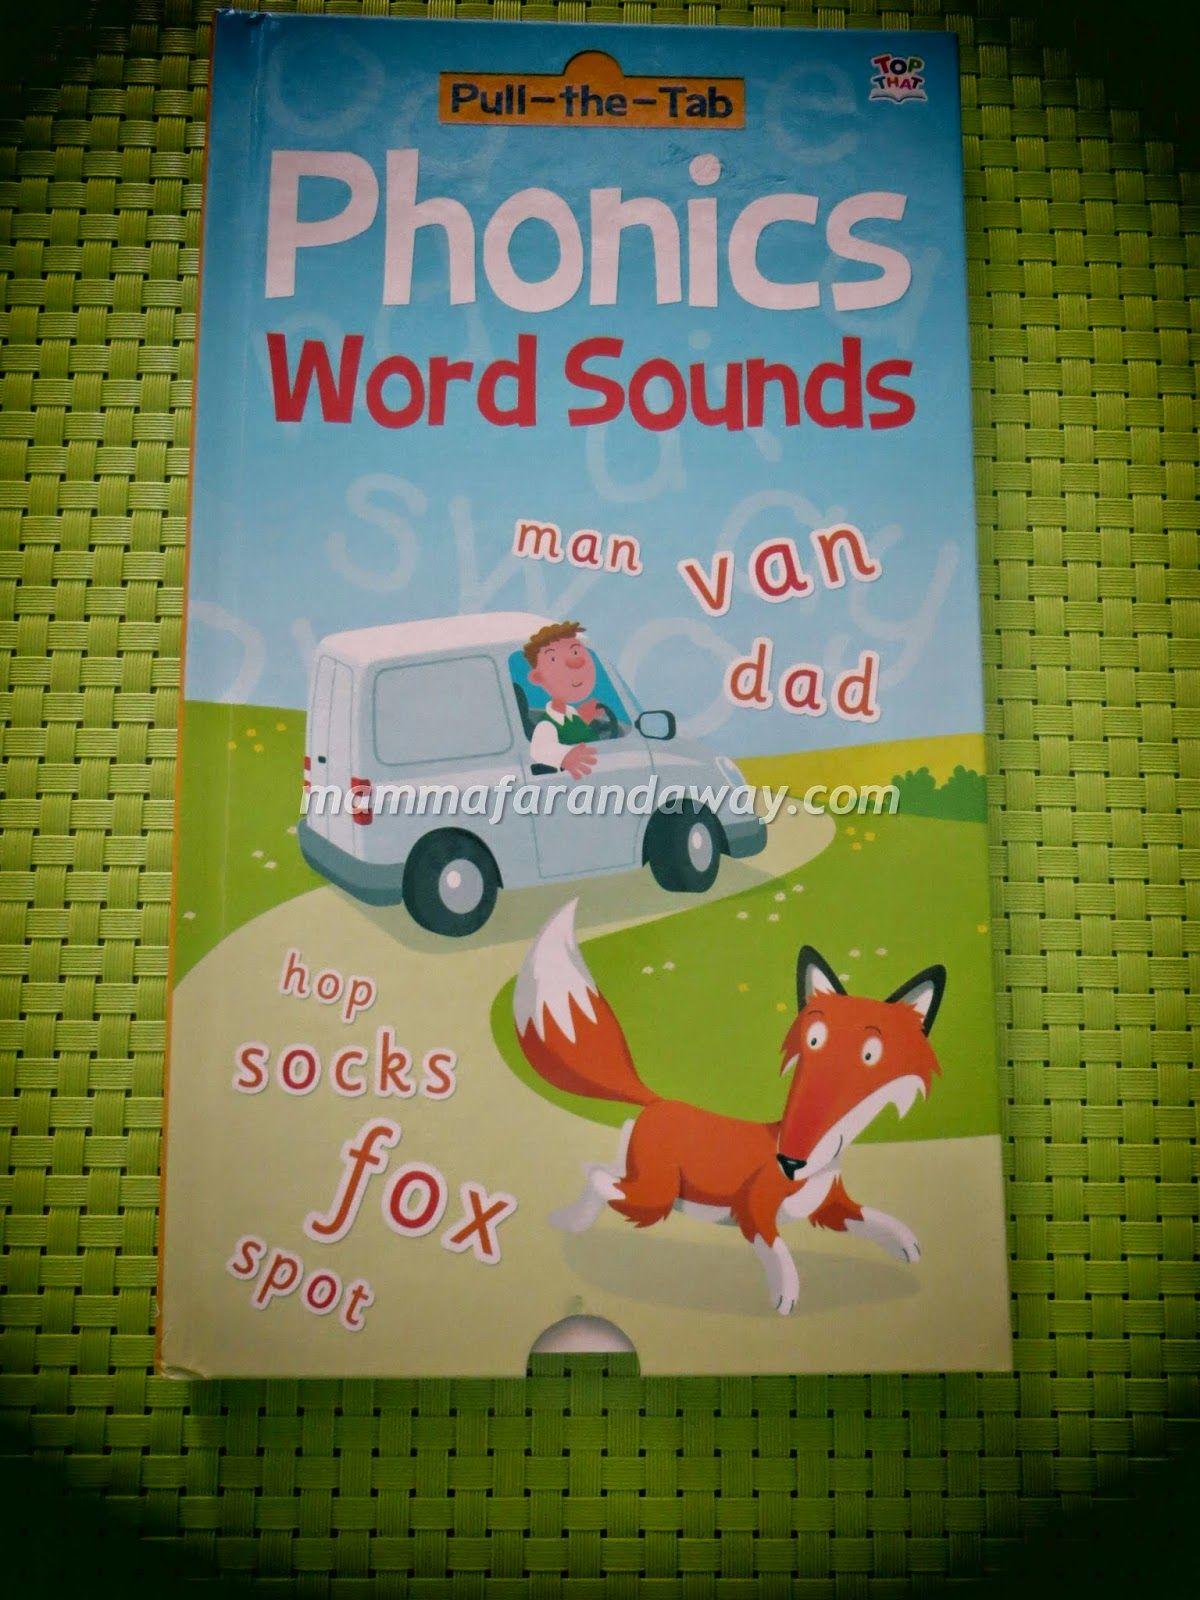 Libri semplici per i primi approcci con la fonetica inglese e con le tabelline!